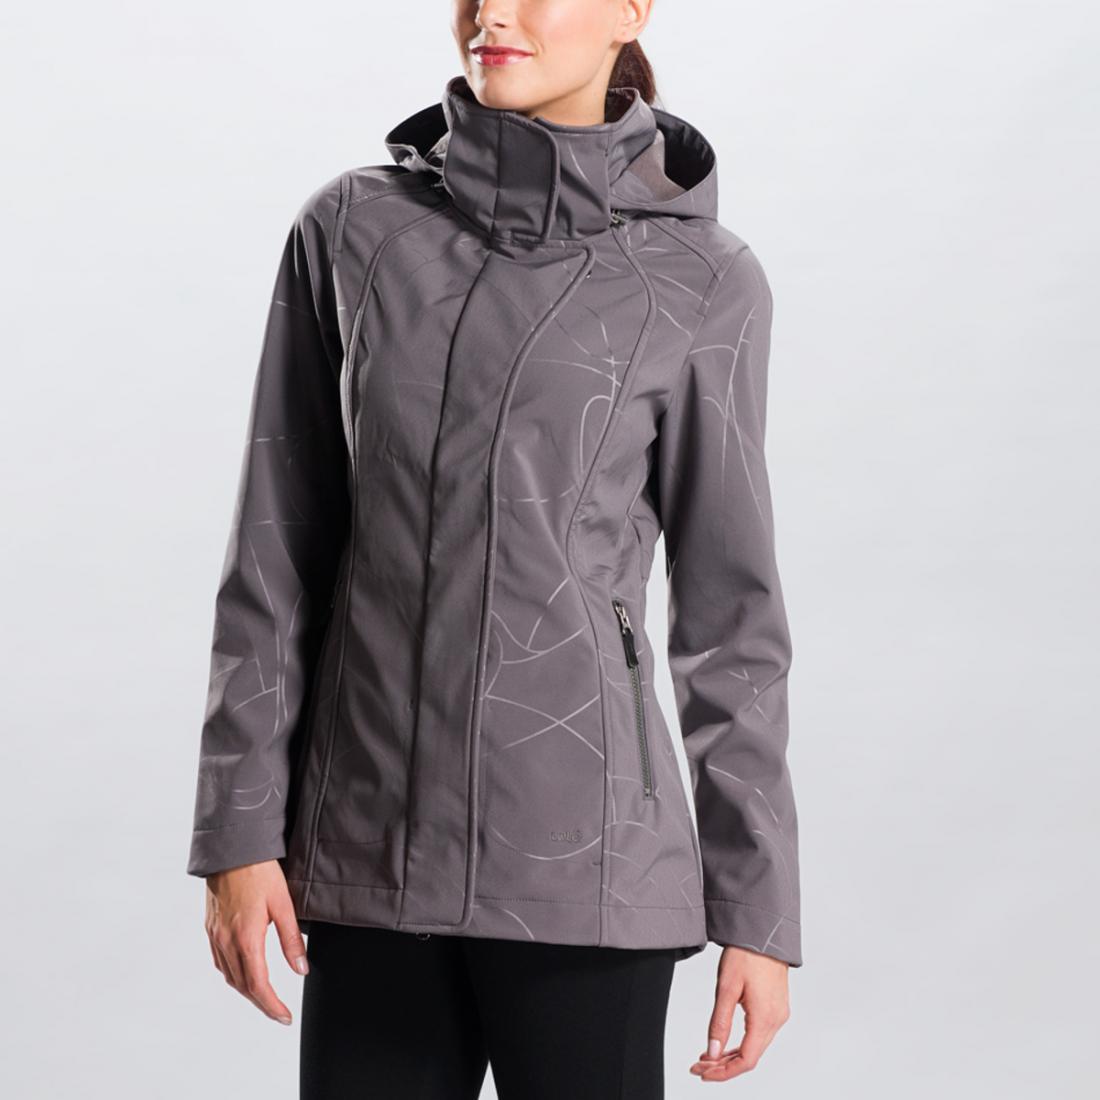 Куртка LUW0191 STUNNING JACKETКуртки<br>Легкий демисезонный плащ из софтшела с оригинальным принтом – функциональная и женственная вещь. <br> <br><br>Регулировки сзади на талии.<br>Воротник-стоечка.<br>Съемный капюшон со стяжками.<br>Два кармана на молнии.&lt;/li...<br><br>Цвет: Бежевый<br>Размер: XS